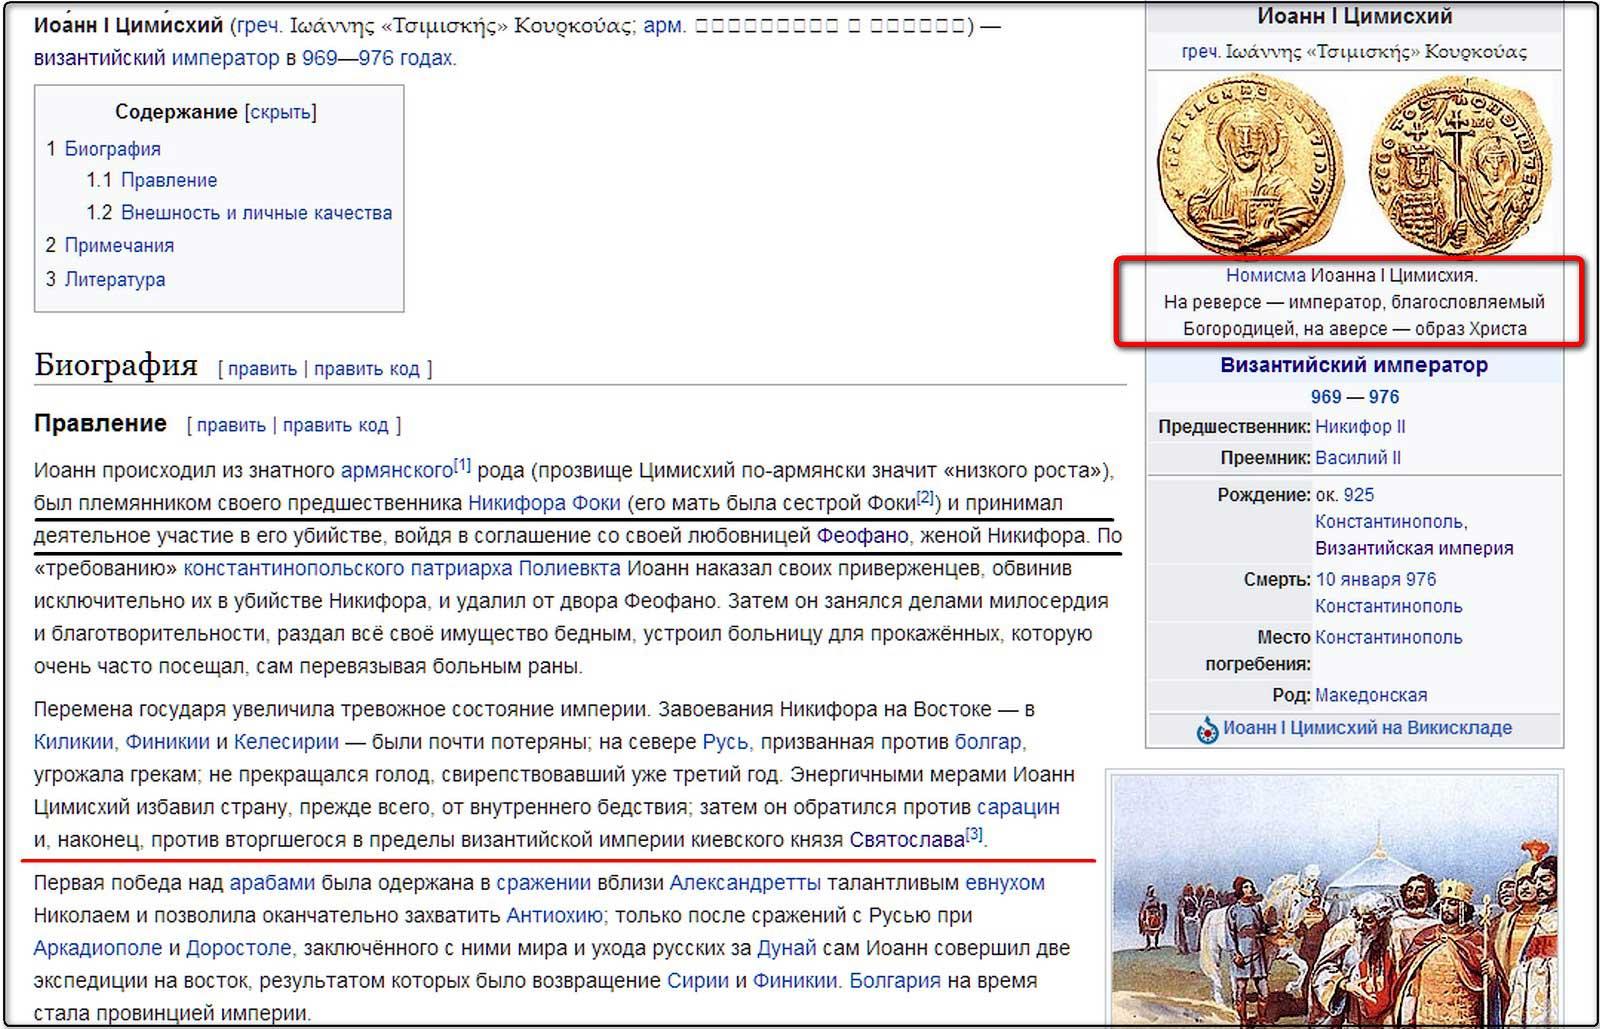 Страница из Википедии